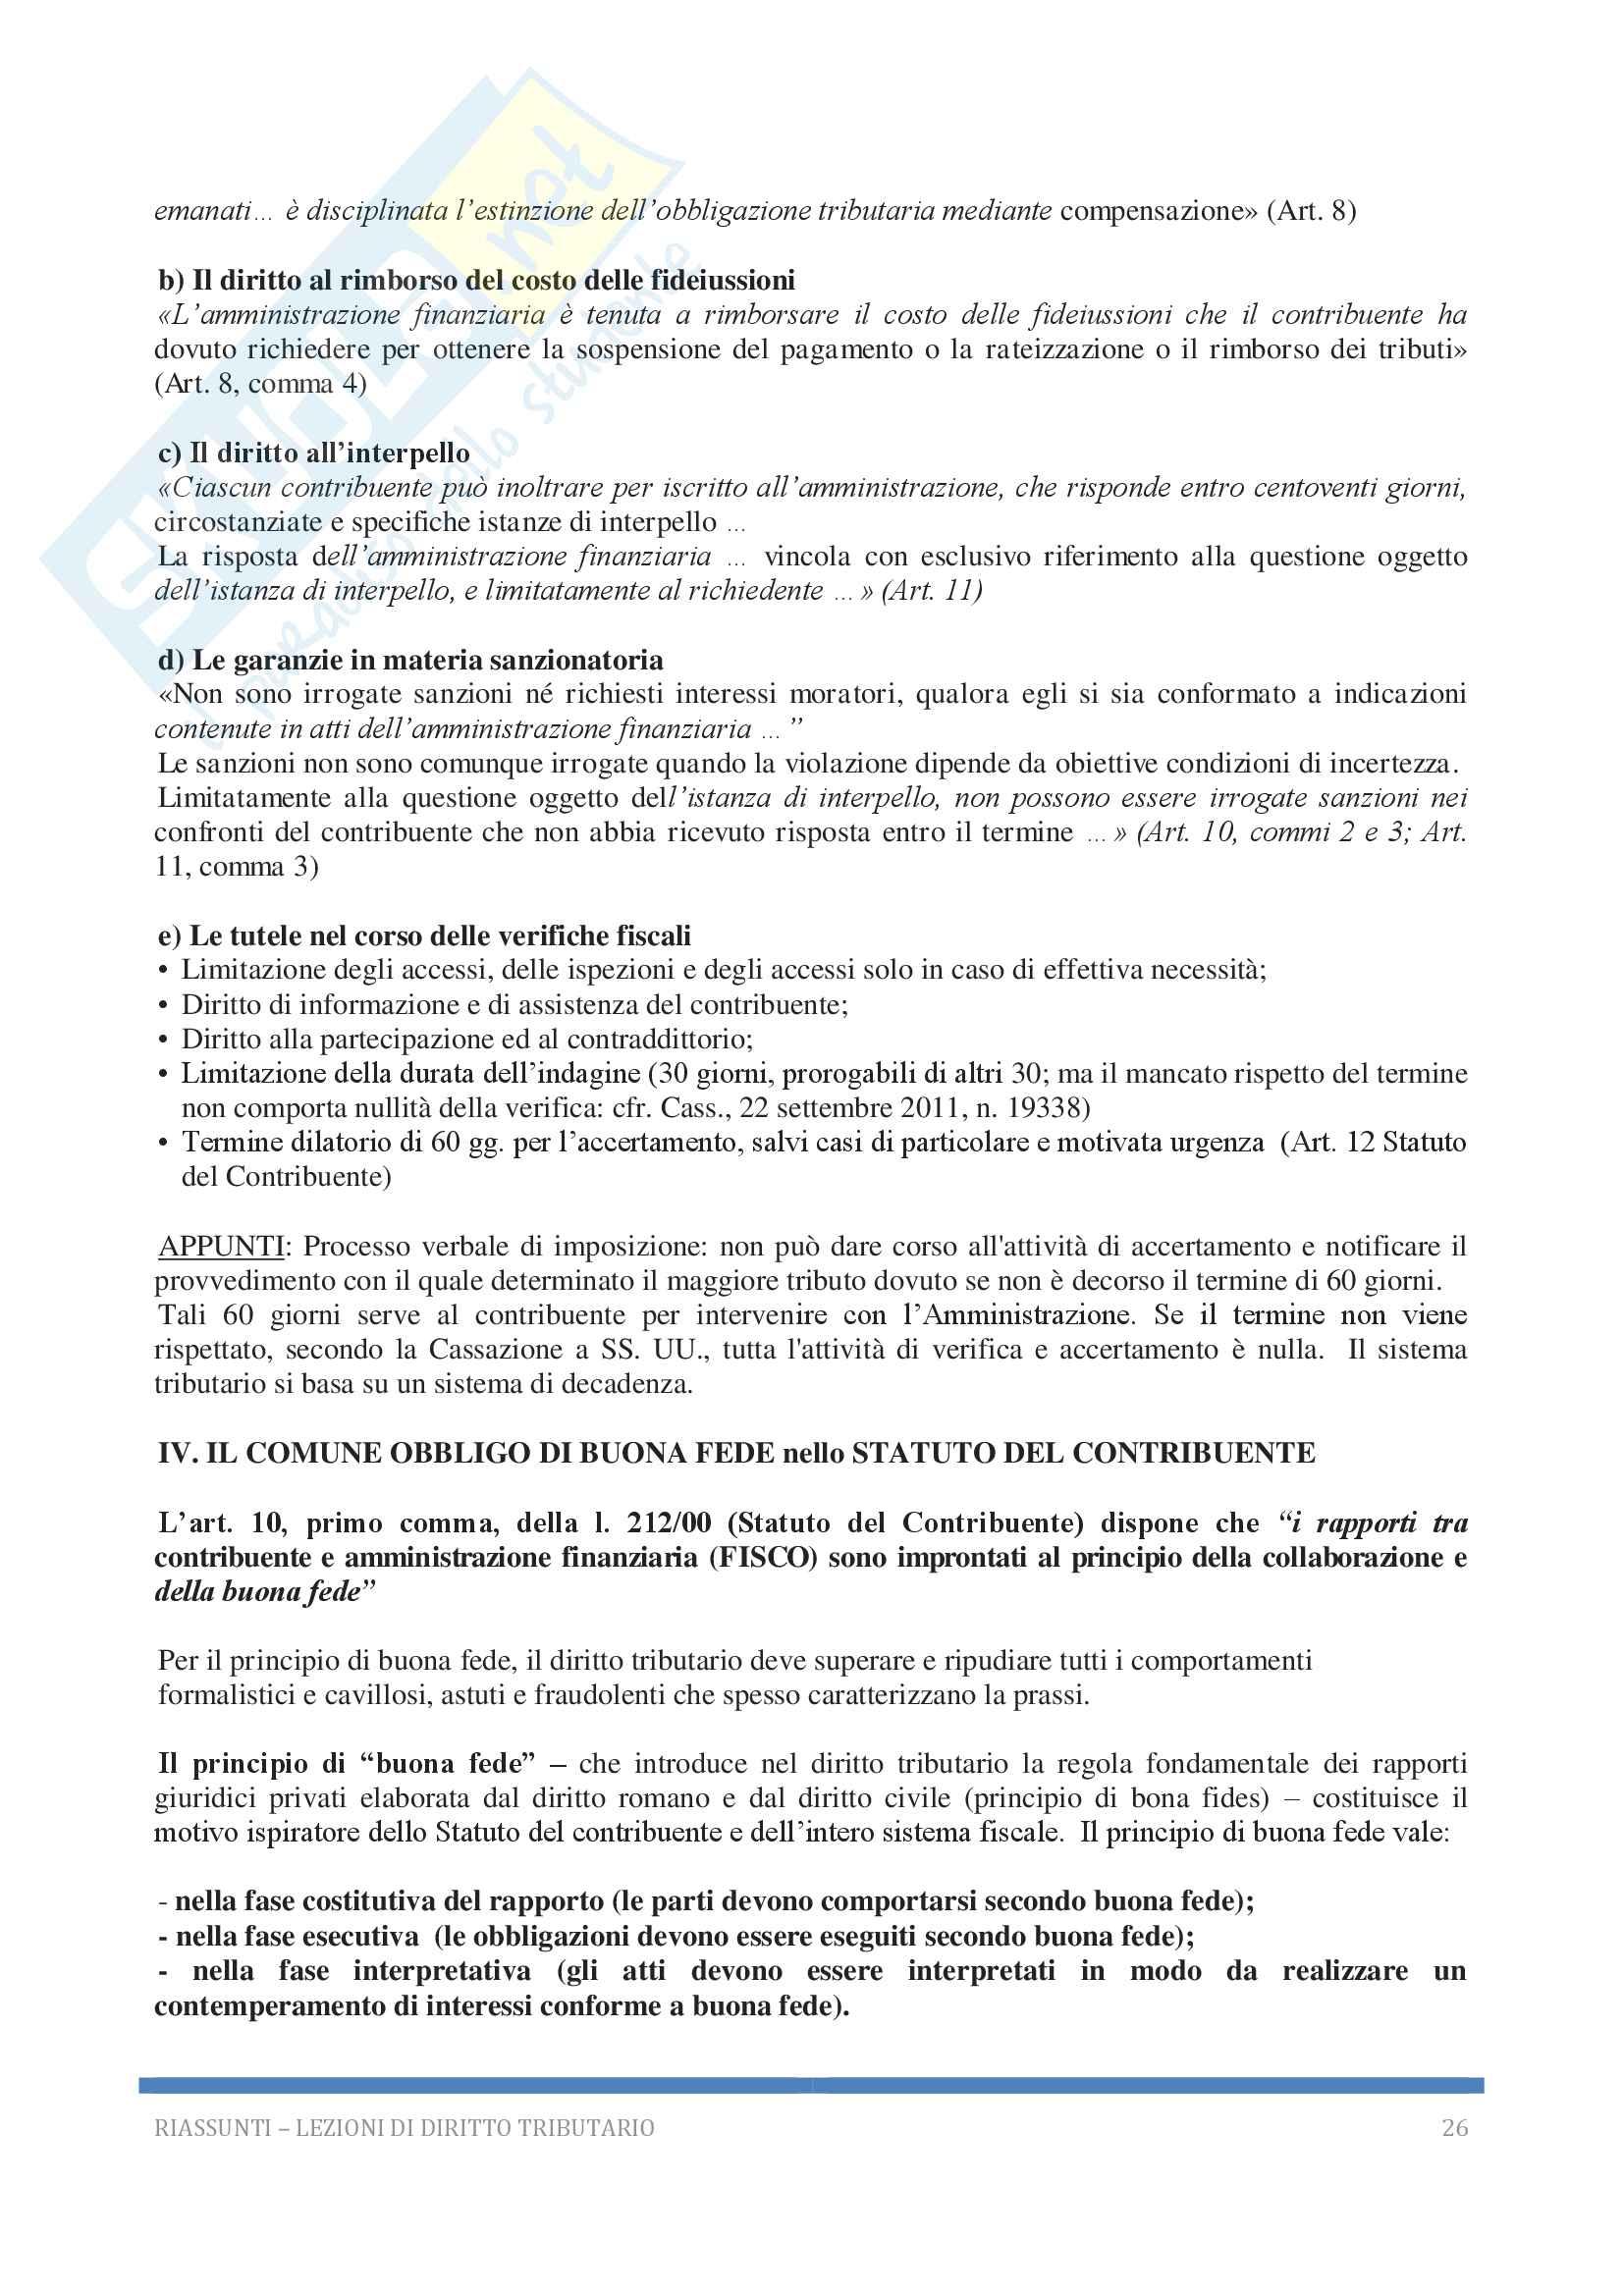 Riassunto esame Diritto tributario, Docente G. Melis, 2017! Pag. 26